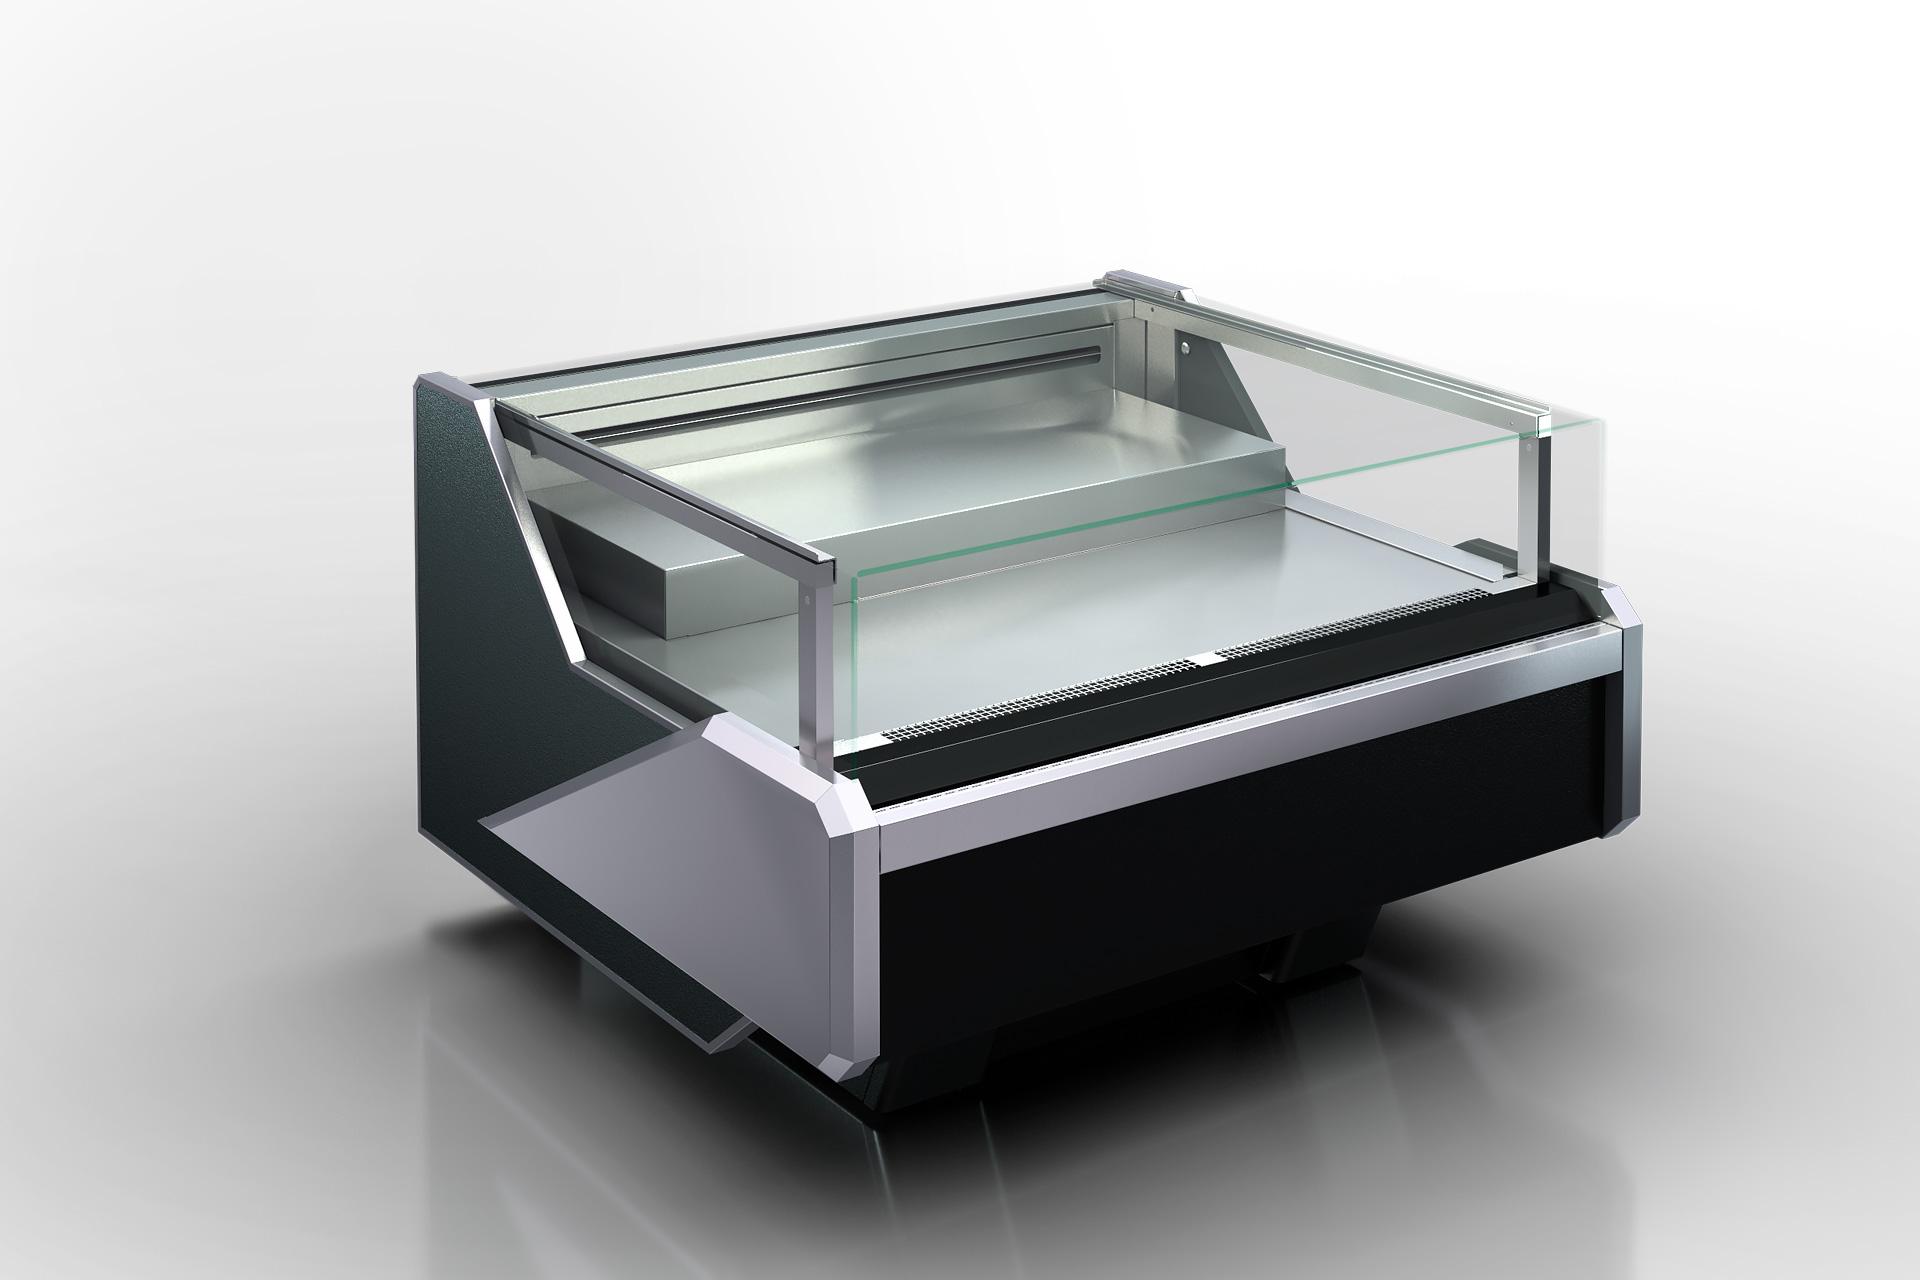 Холодильна вітрина Missouri enigma MC 122 patisserie CH SP 084-DLM/DLA